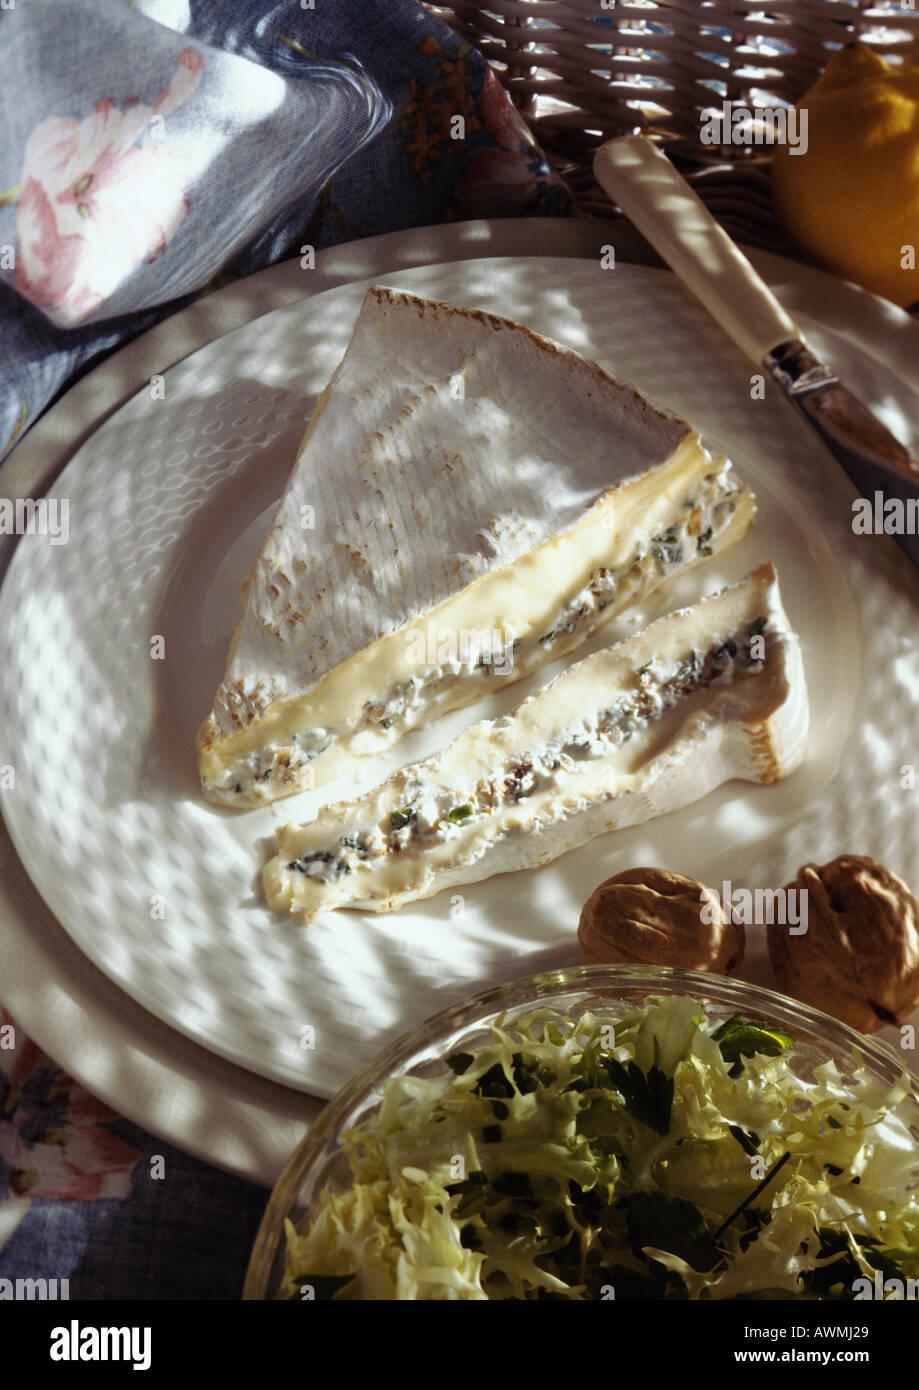 Gefüllte Brie auf Teller, erhöhte Ansicht Stockbild